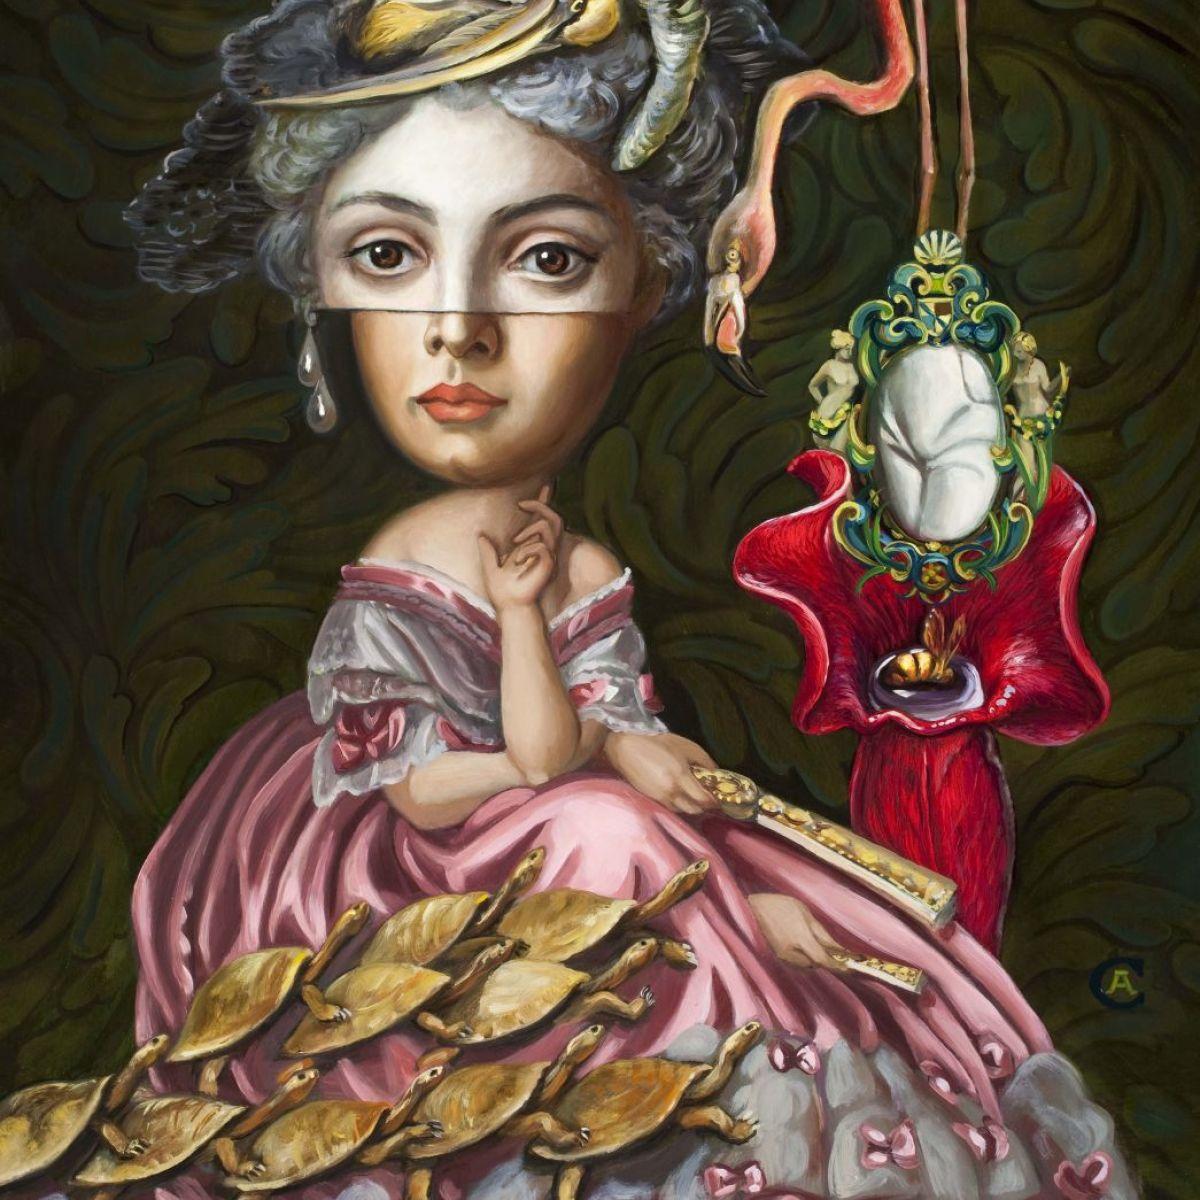 """Mistyczna podróż do krainy magii - wystawa """"Magical Dreams IV"""" w Galerii Miejskiej we Wrocławiu"""